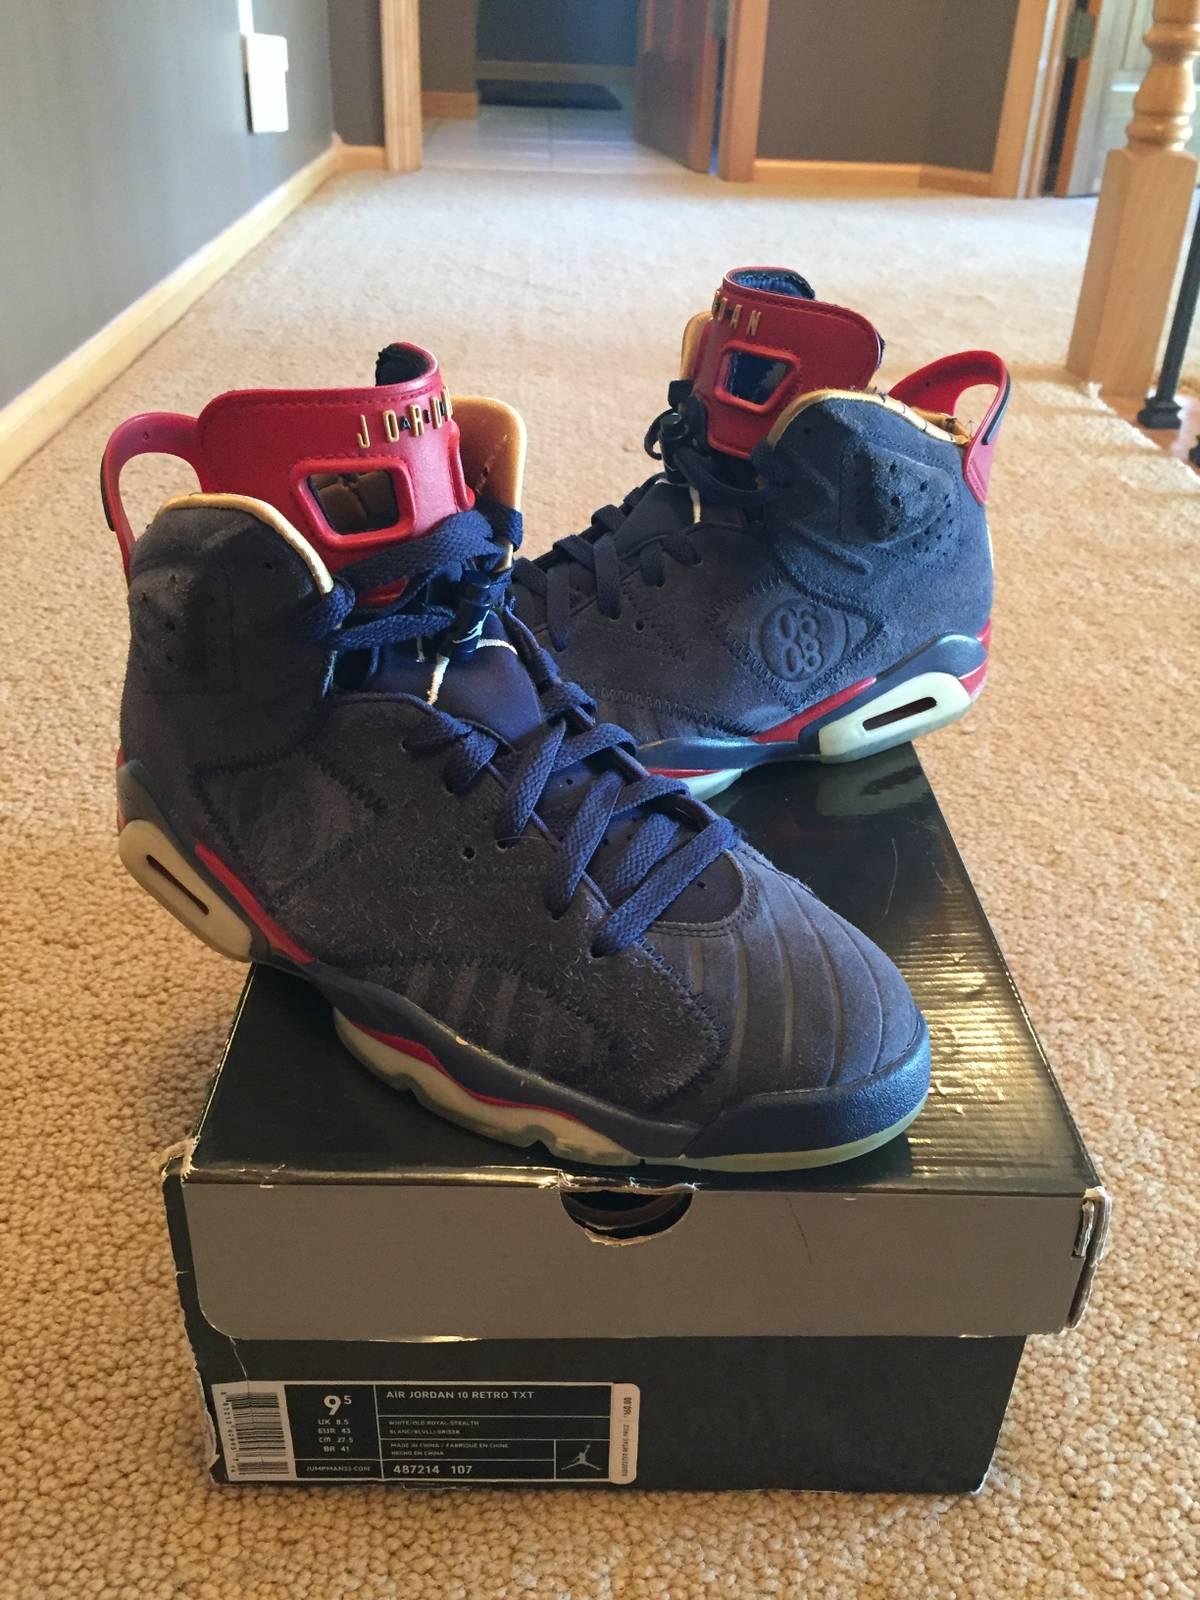 992fb404c6ac Jordan Brand Air Jordan Retro 6 Doernbecher DB Size 9 - Hi-Top Sneakers for  Sale - Grailed